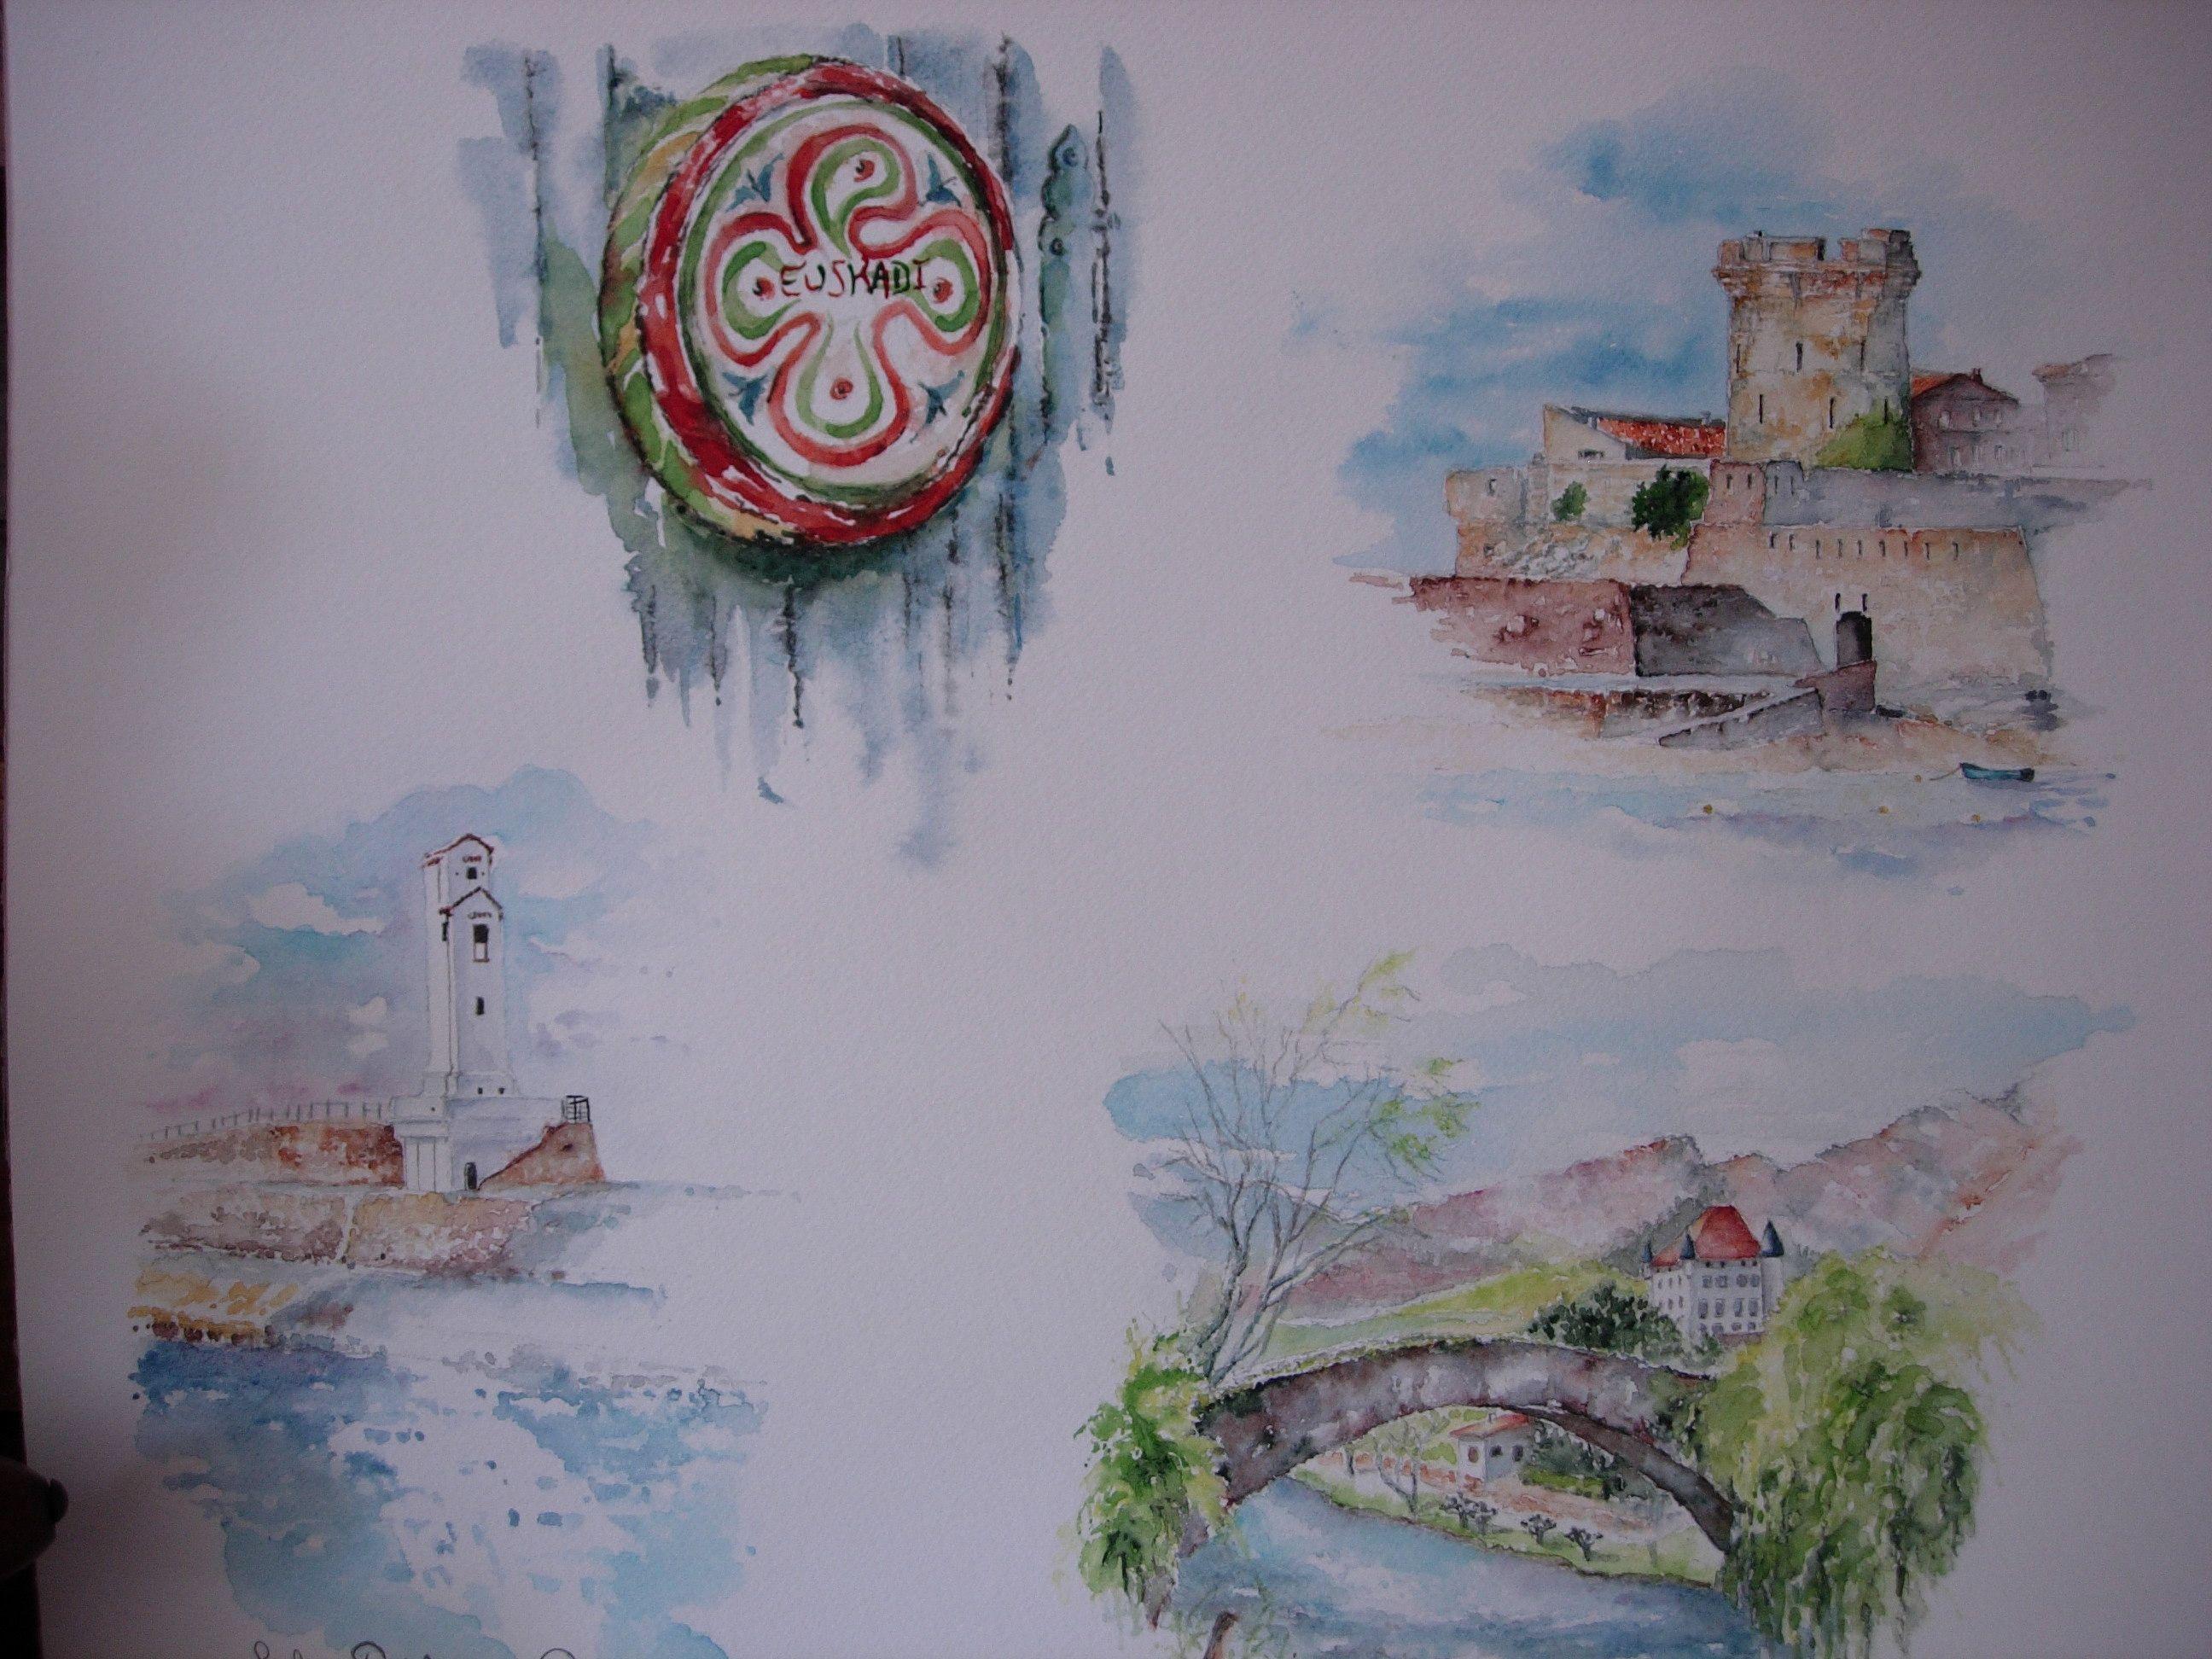 Euskadi 2015